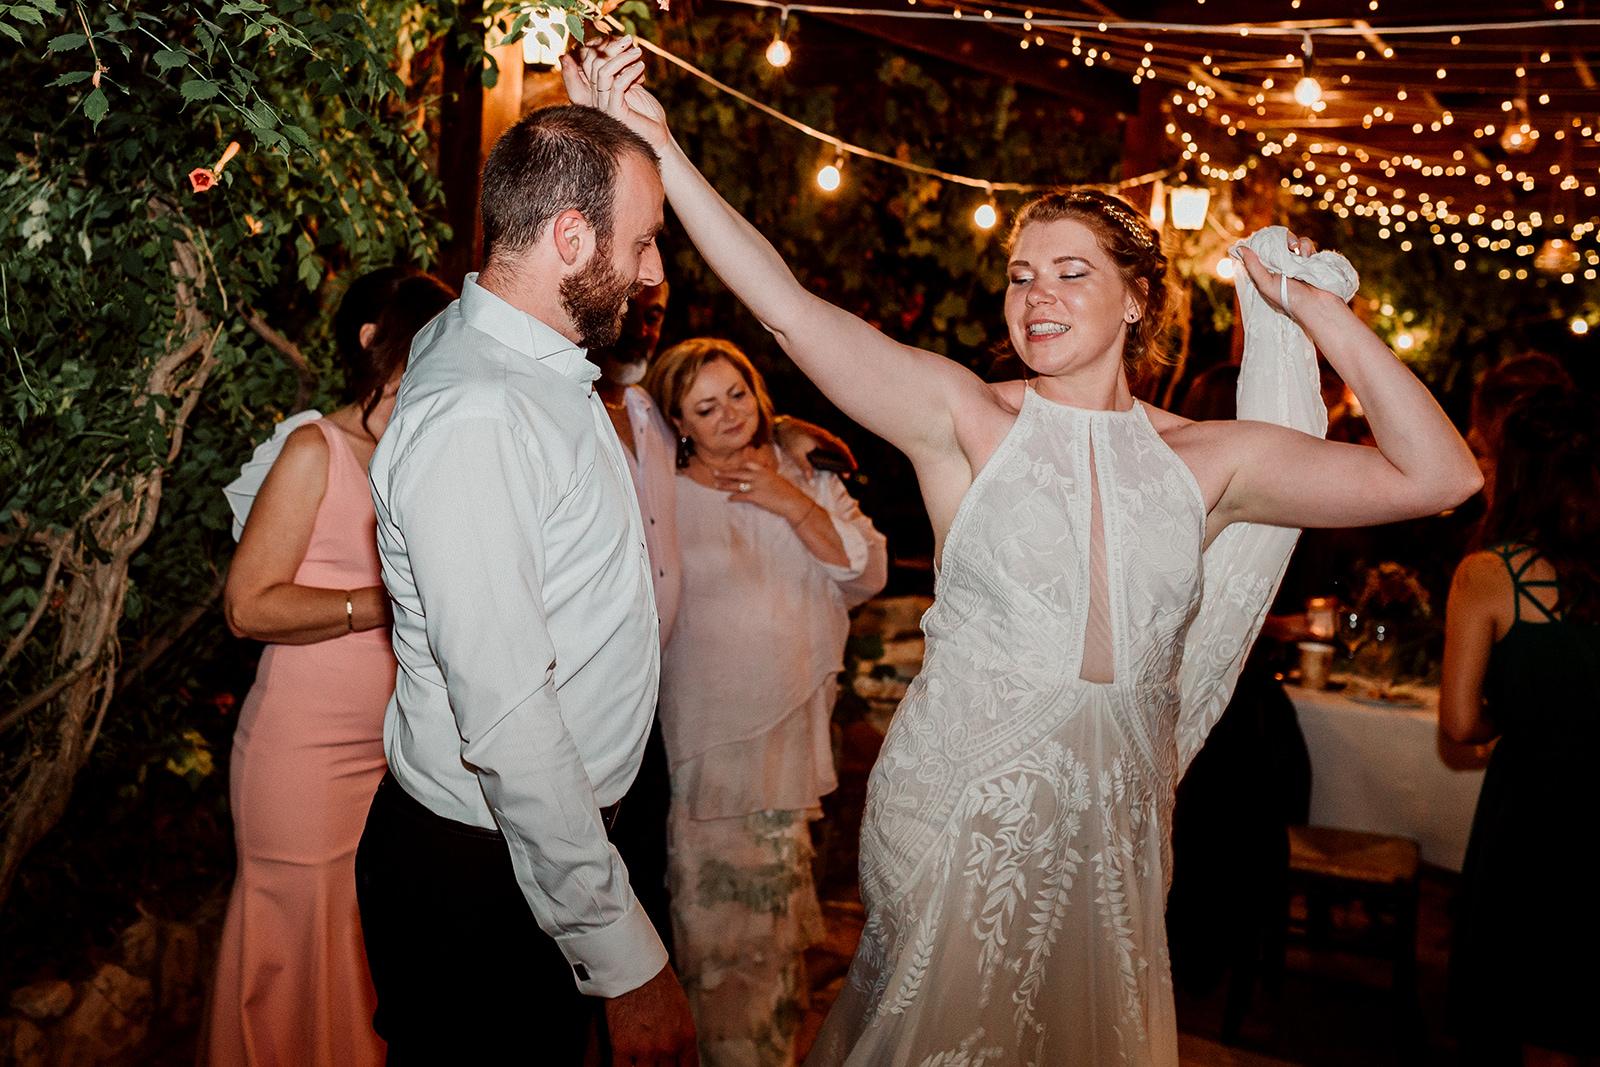 Kelli & Charbel Dance